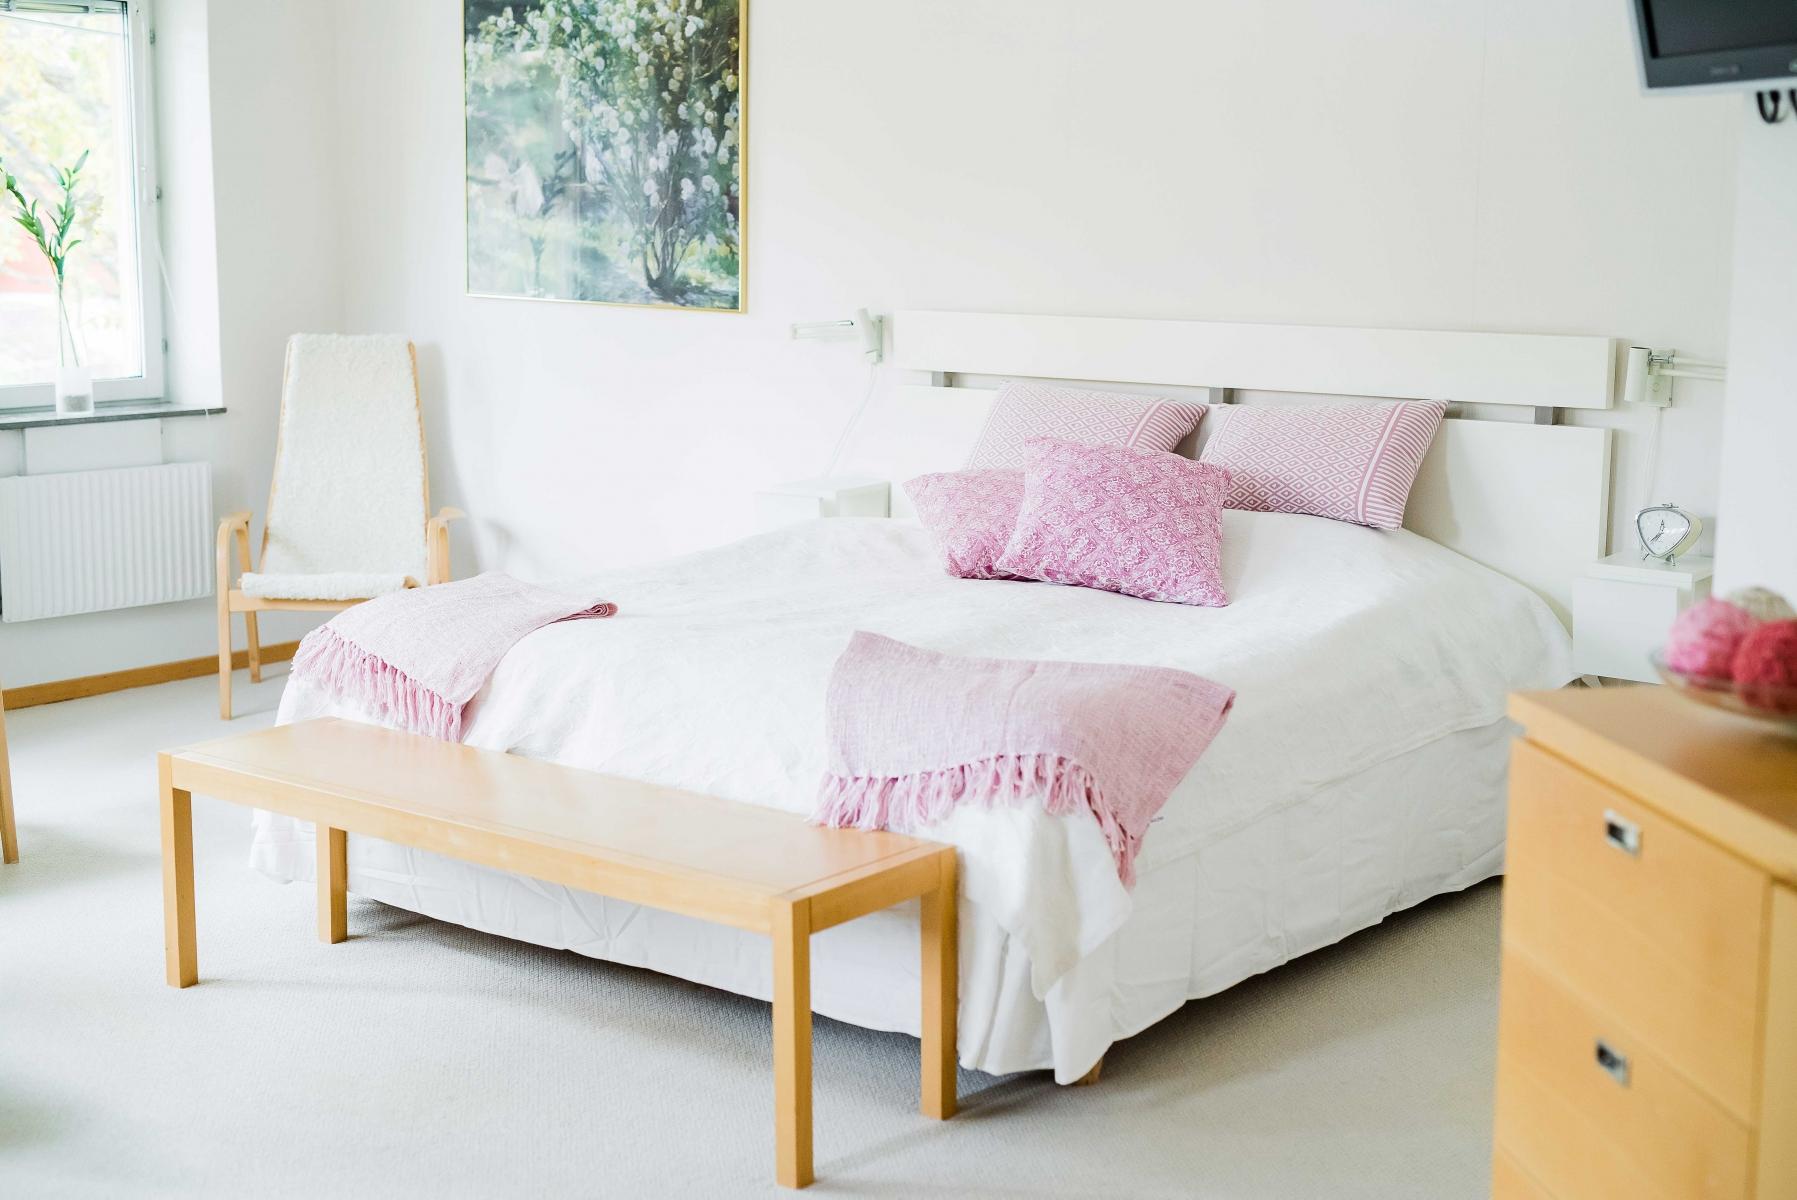 hotel i københavn med spa på værelset sex massage på sjælland